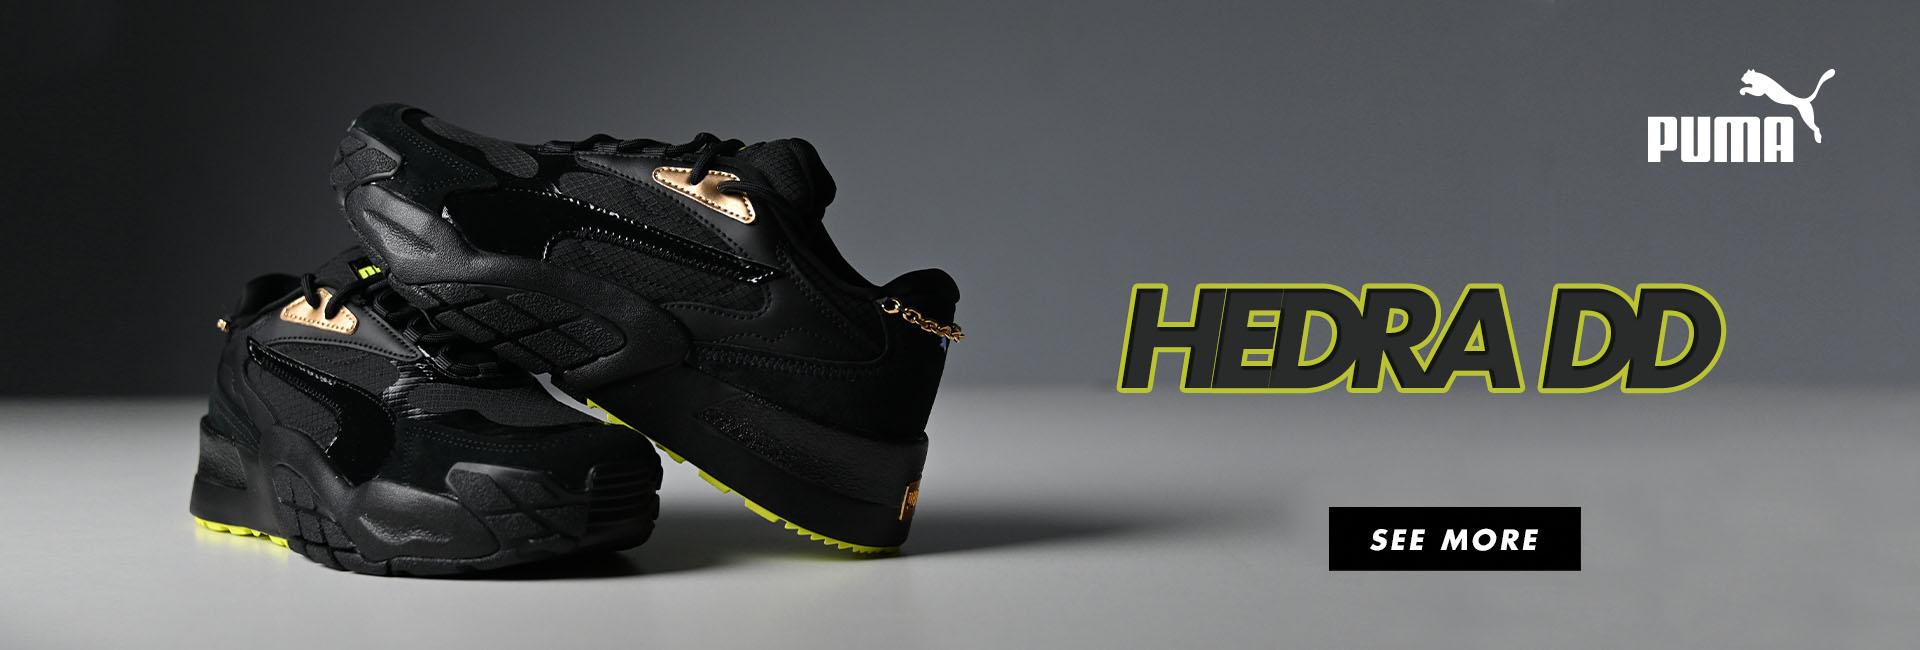 Puma Hedra DD